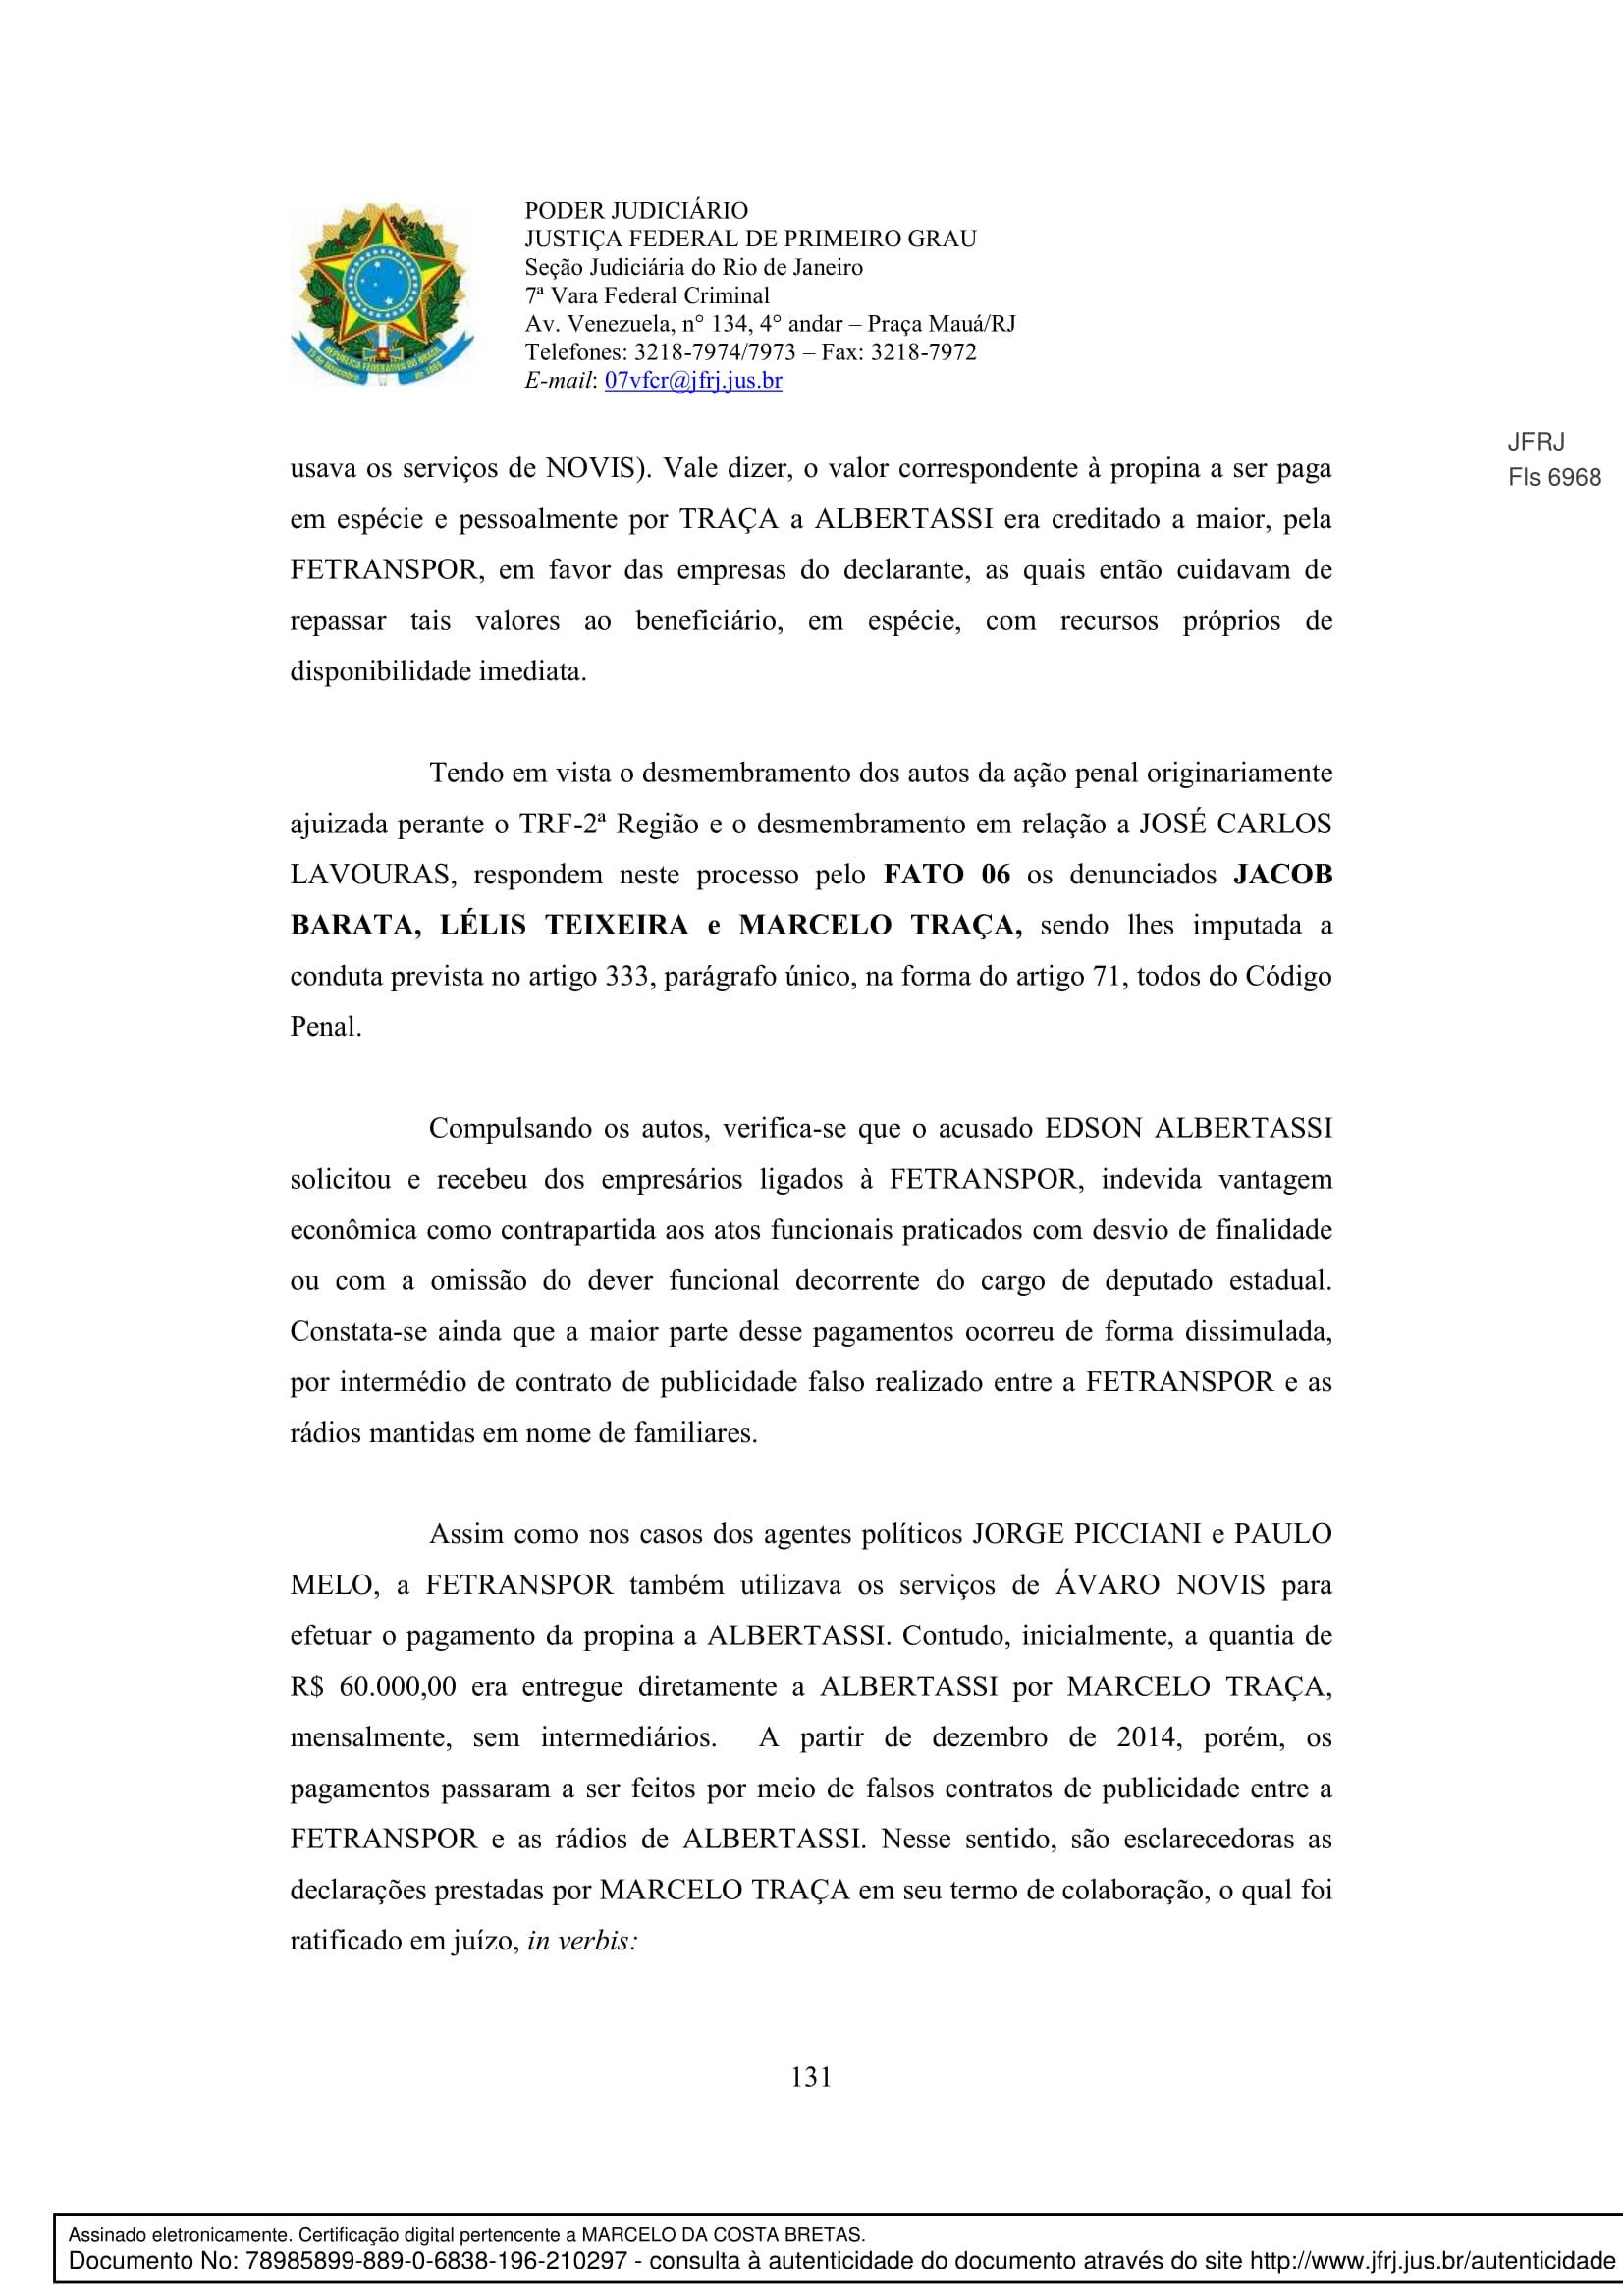 Sentenca-Cadeia-Velha-7VFC-131